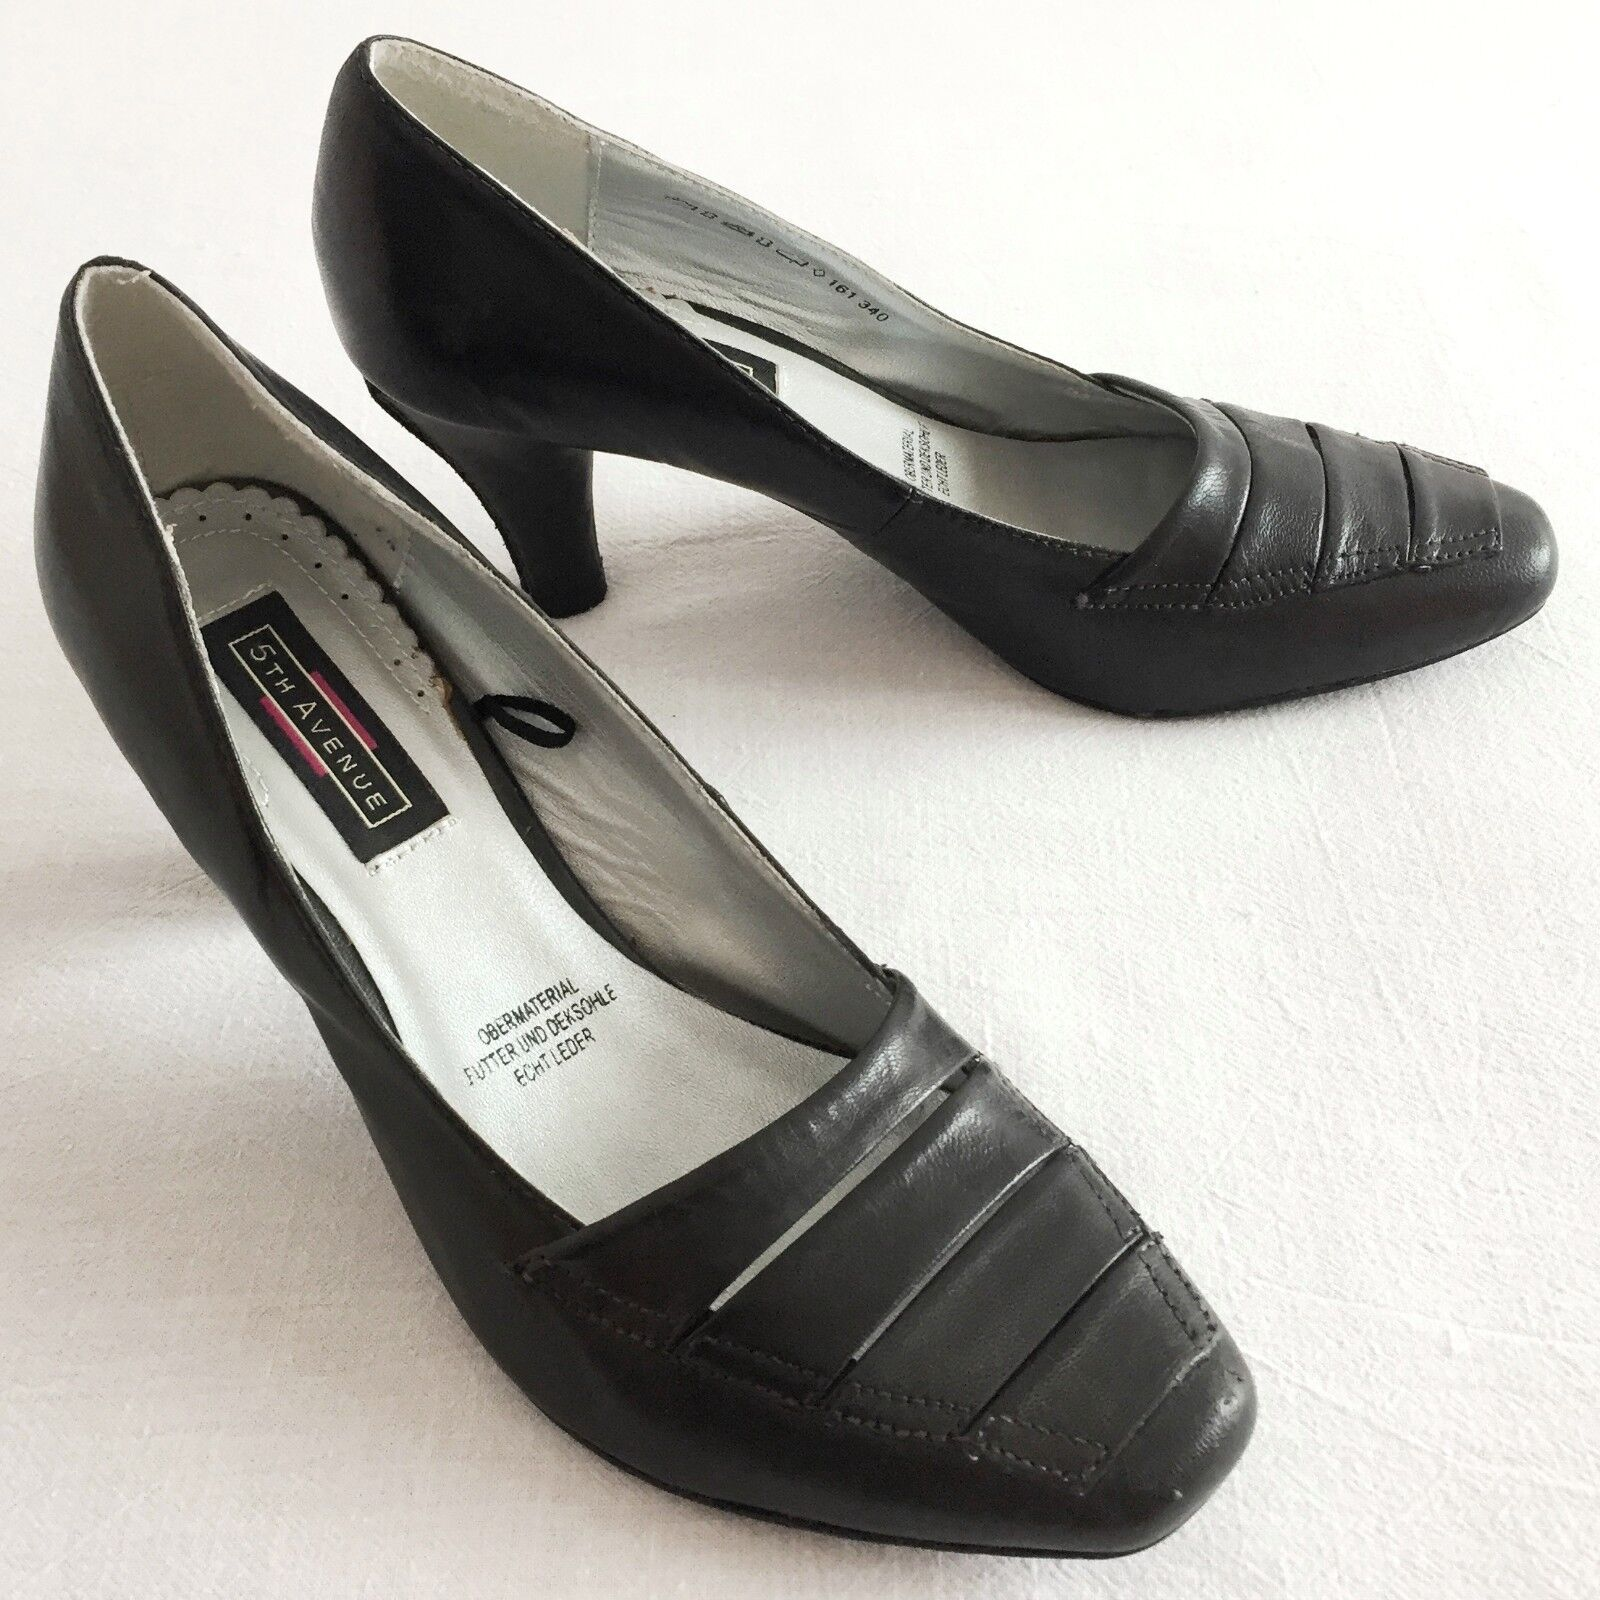 5th Avenue Damen Pumps Echtleder Schuhe Business Ferse Schwarz 8 38